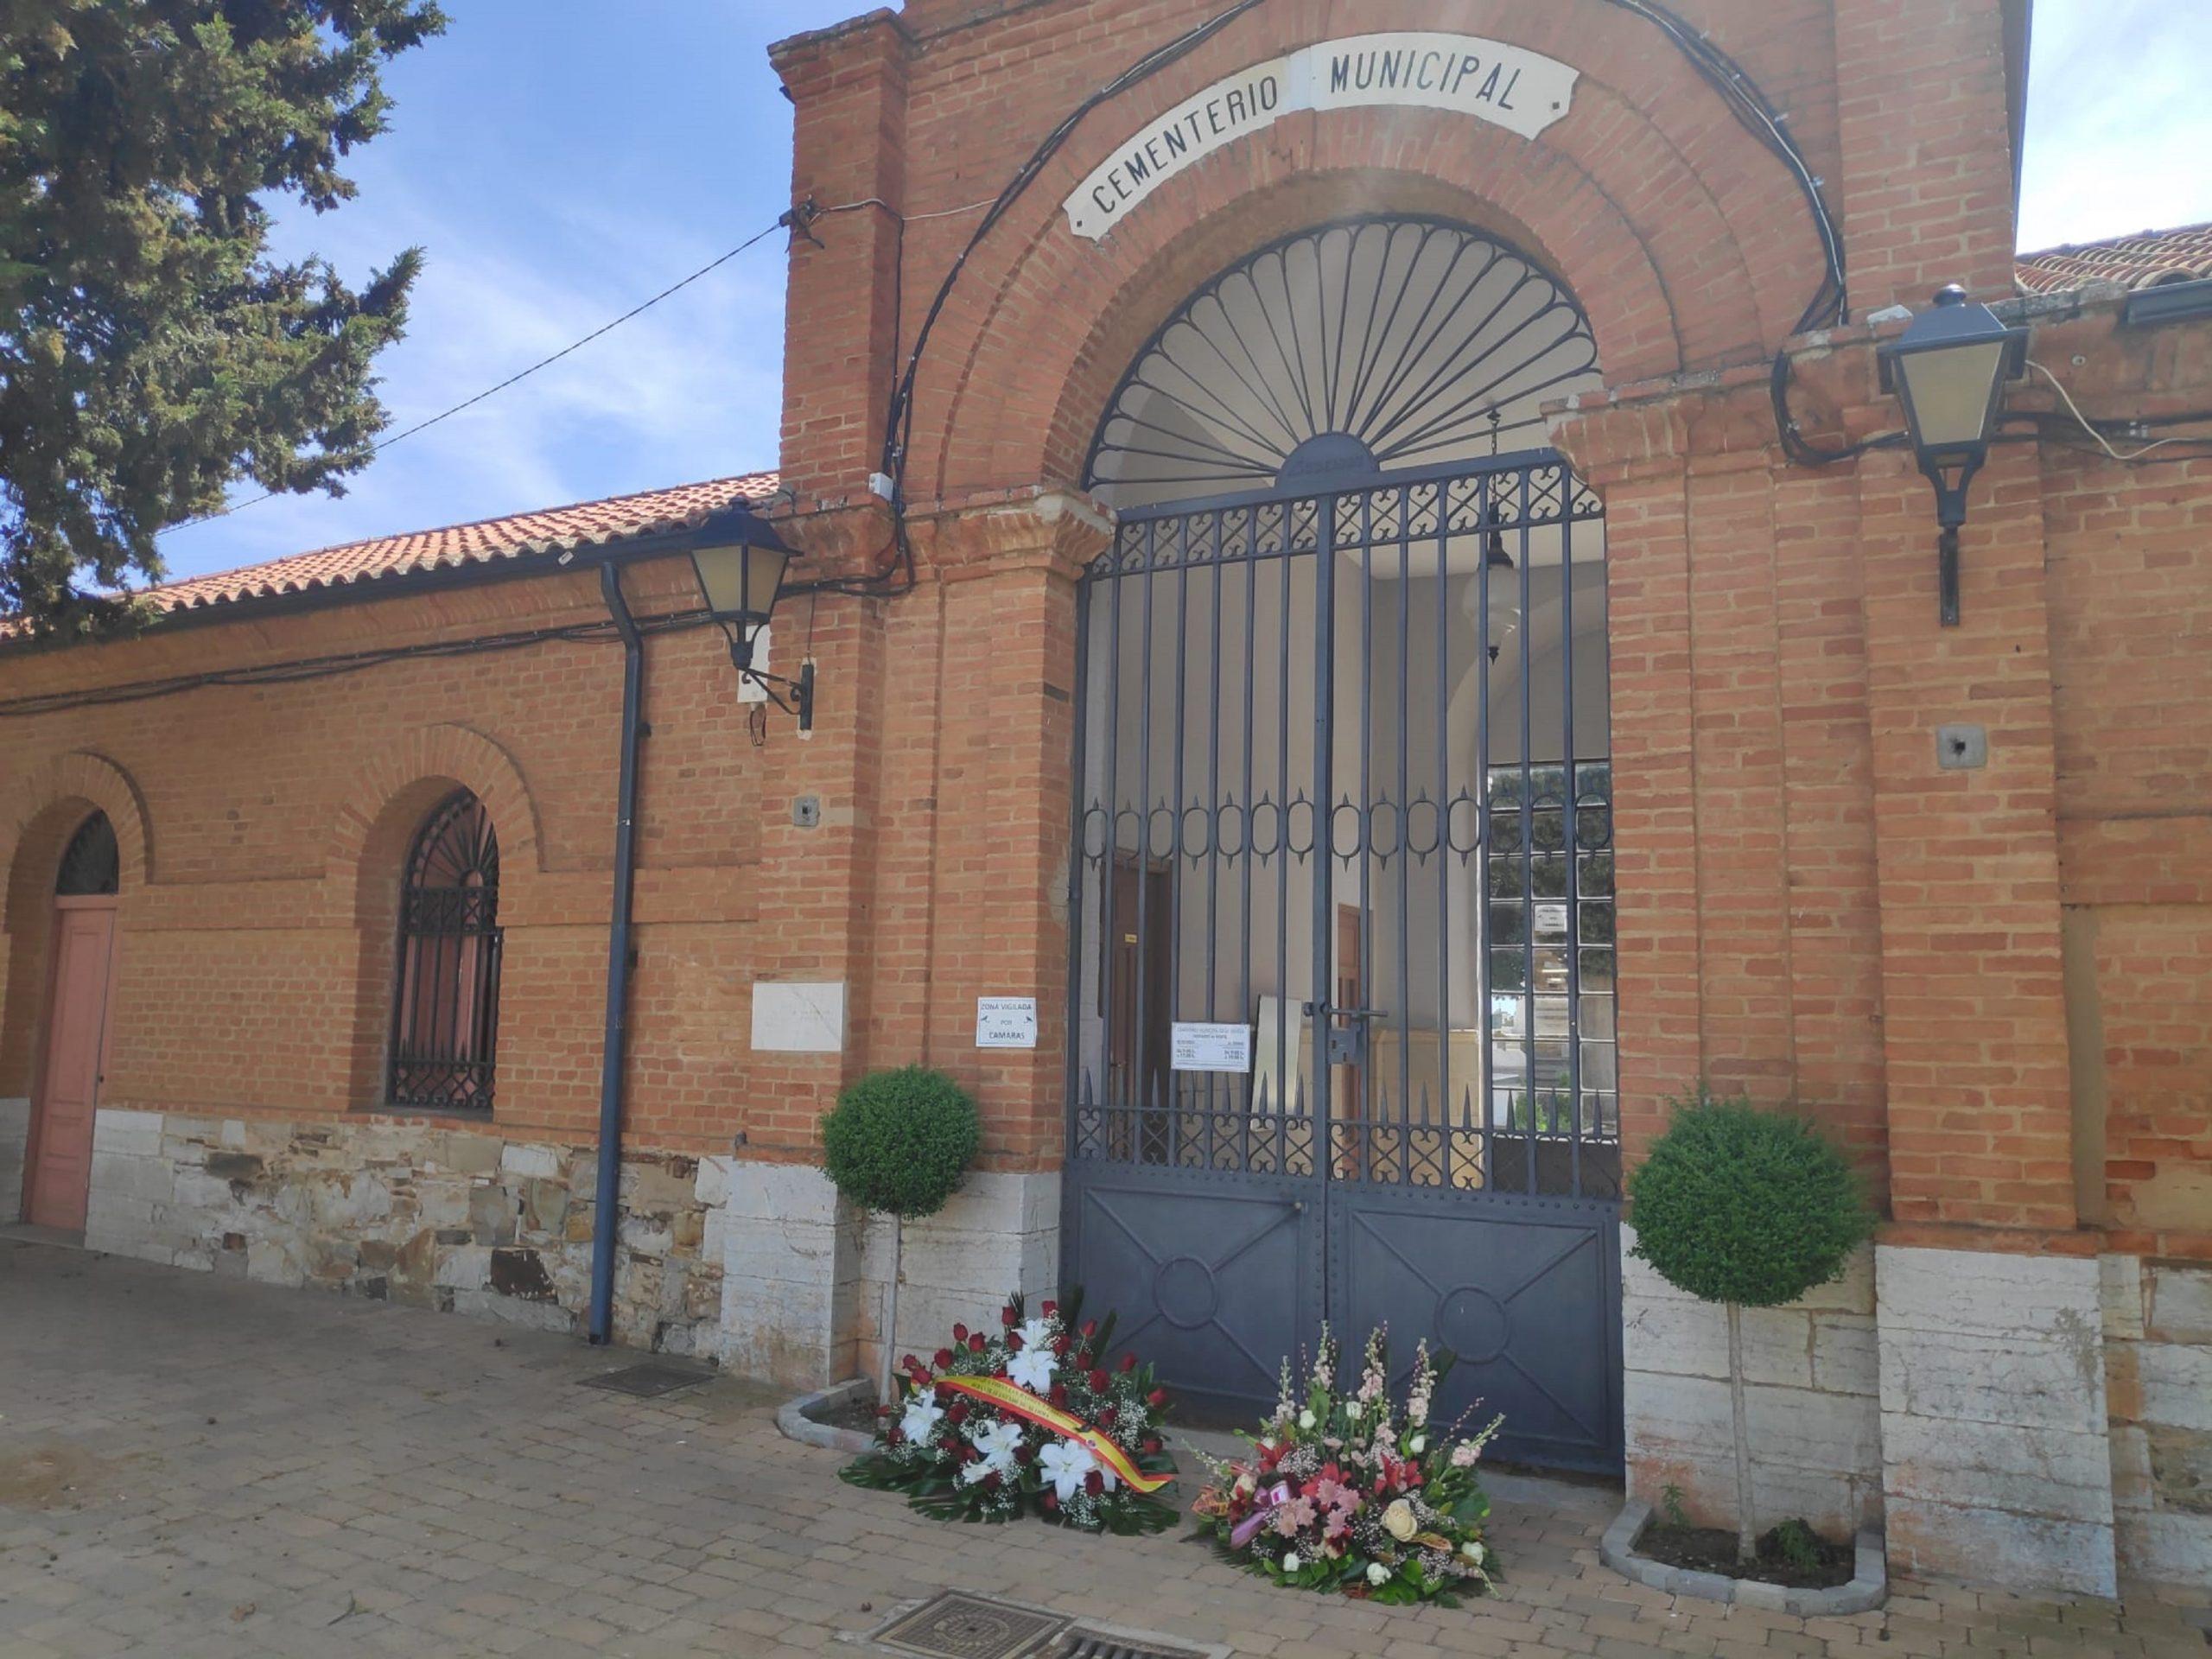 Flores en el cementerio con motivo del día de la Madre